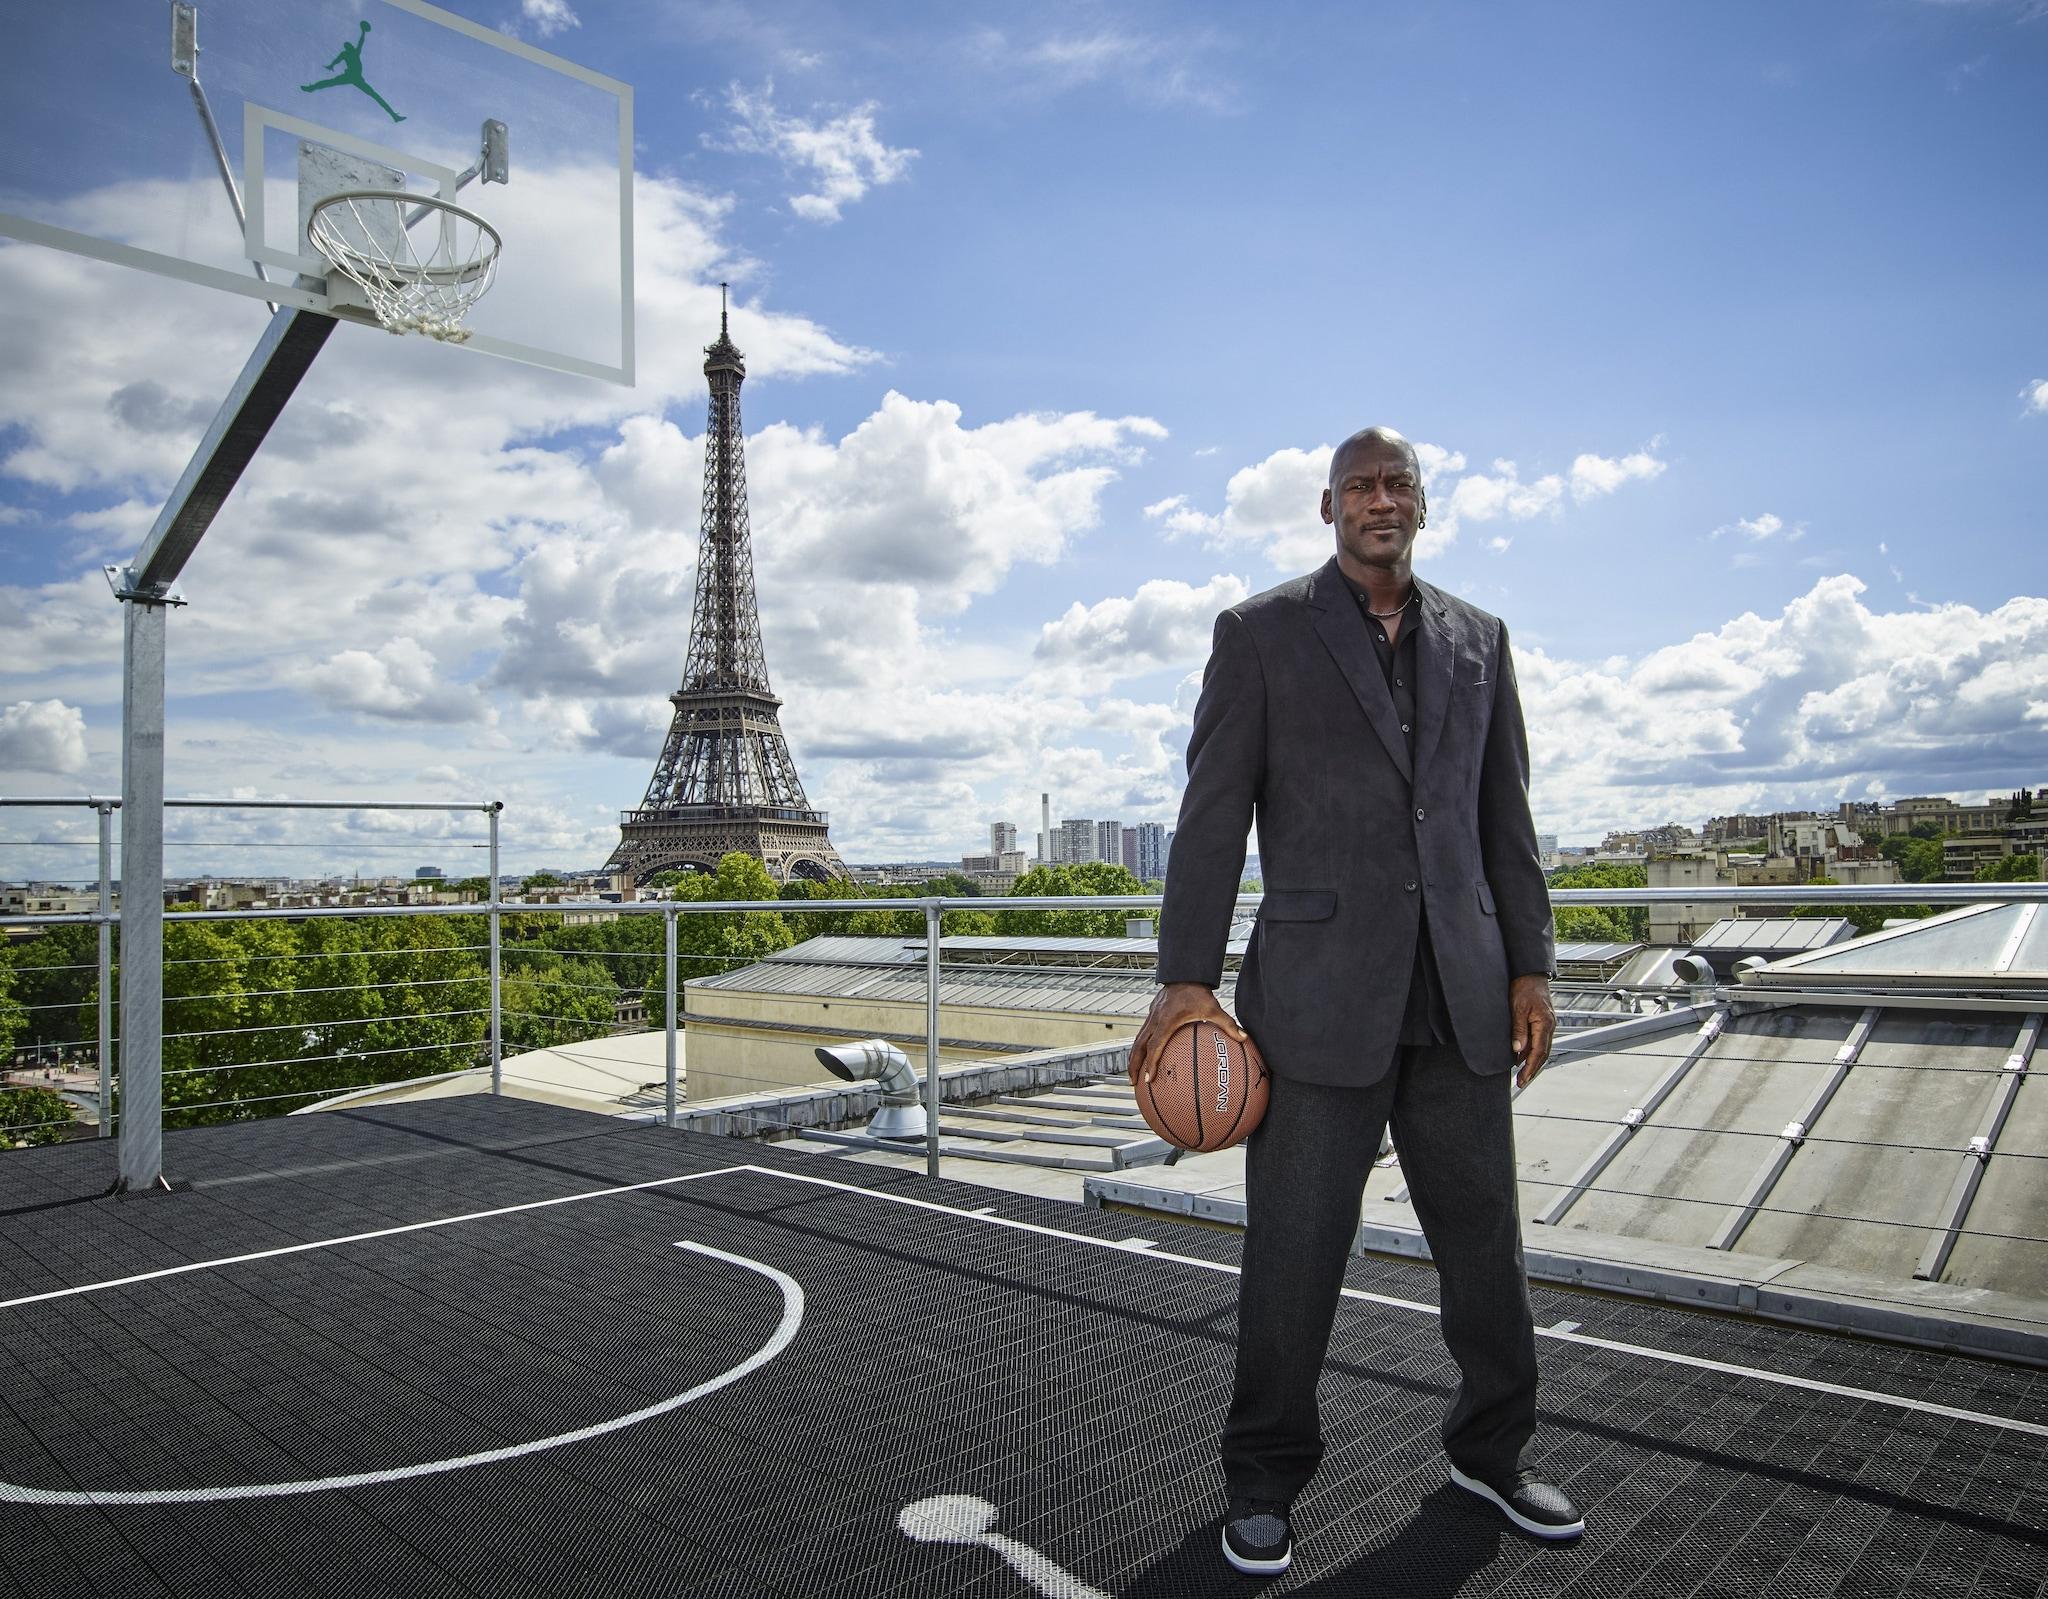 Michael Jordan a Parigi per il trentesimo anniversario dal lancio